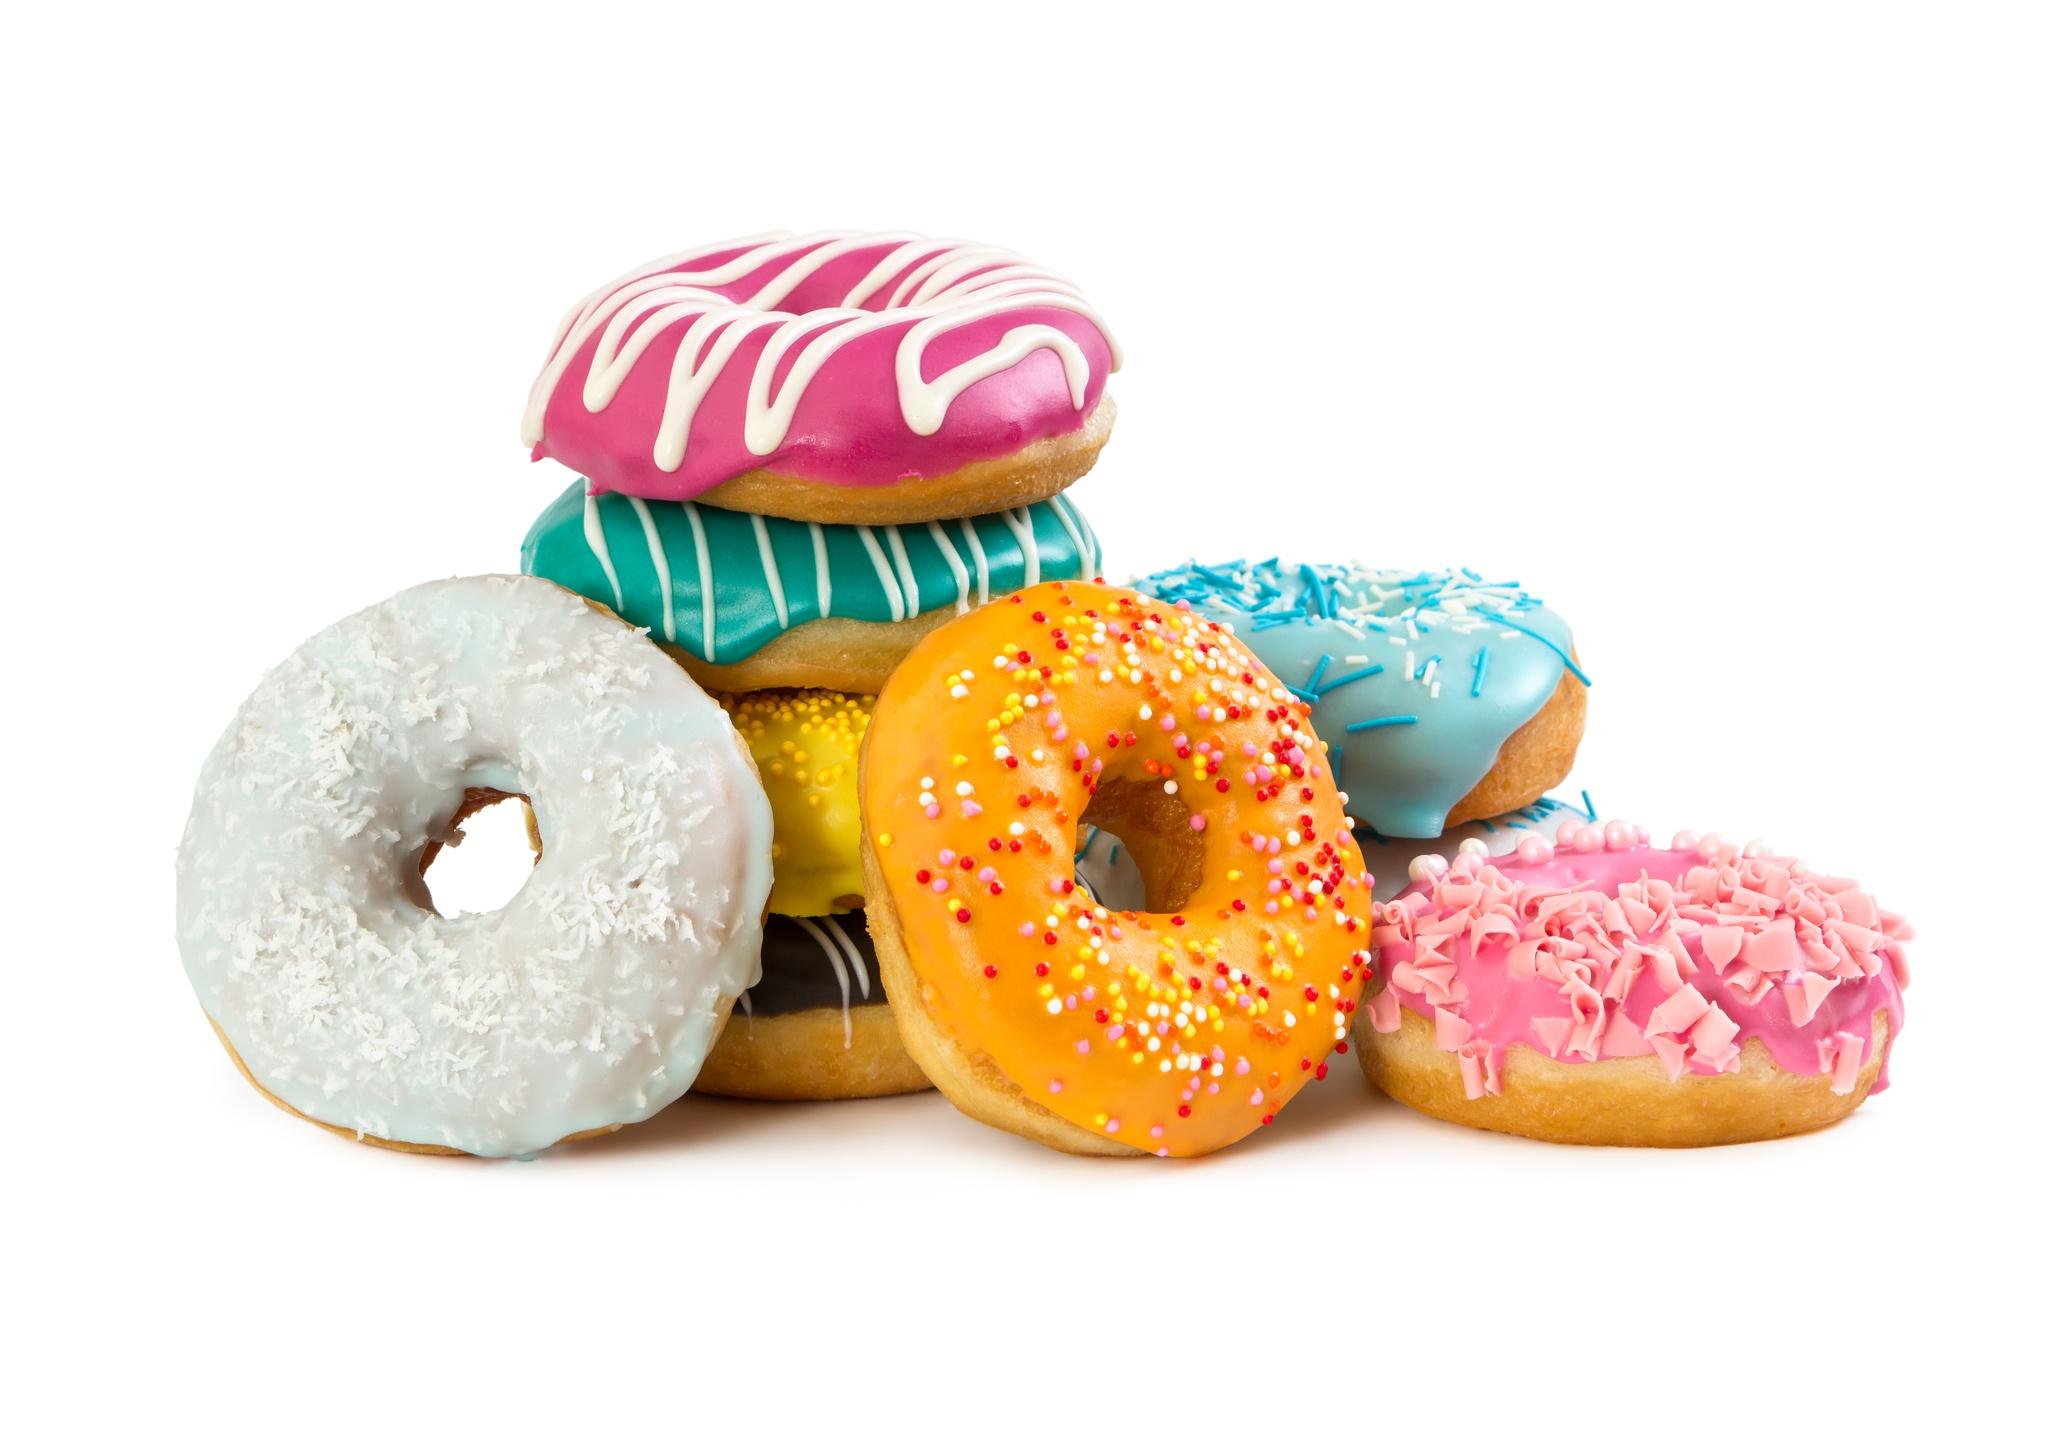 reducir azúcares y grasas.jpg